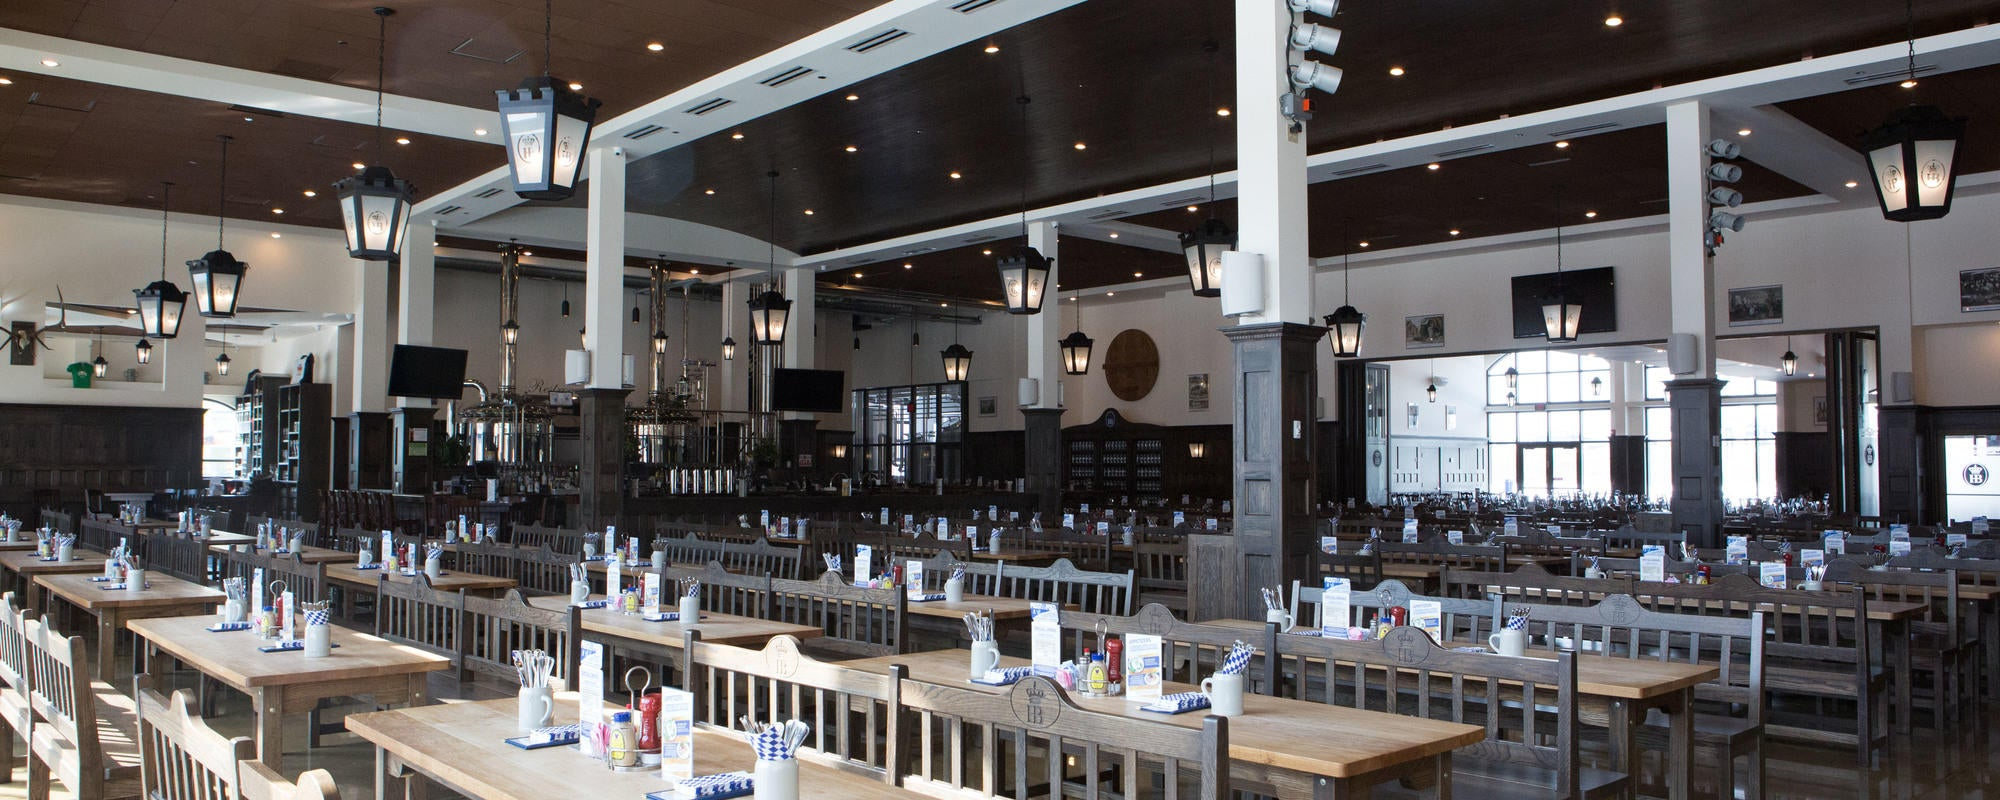 Bier Hall image